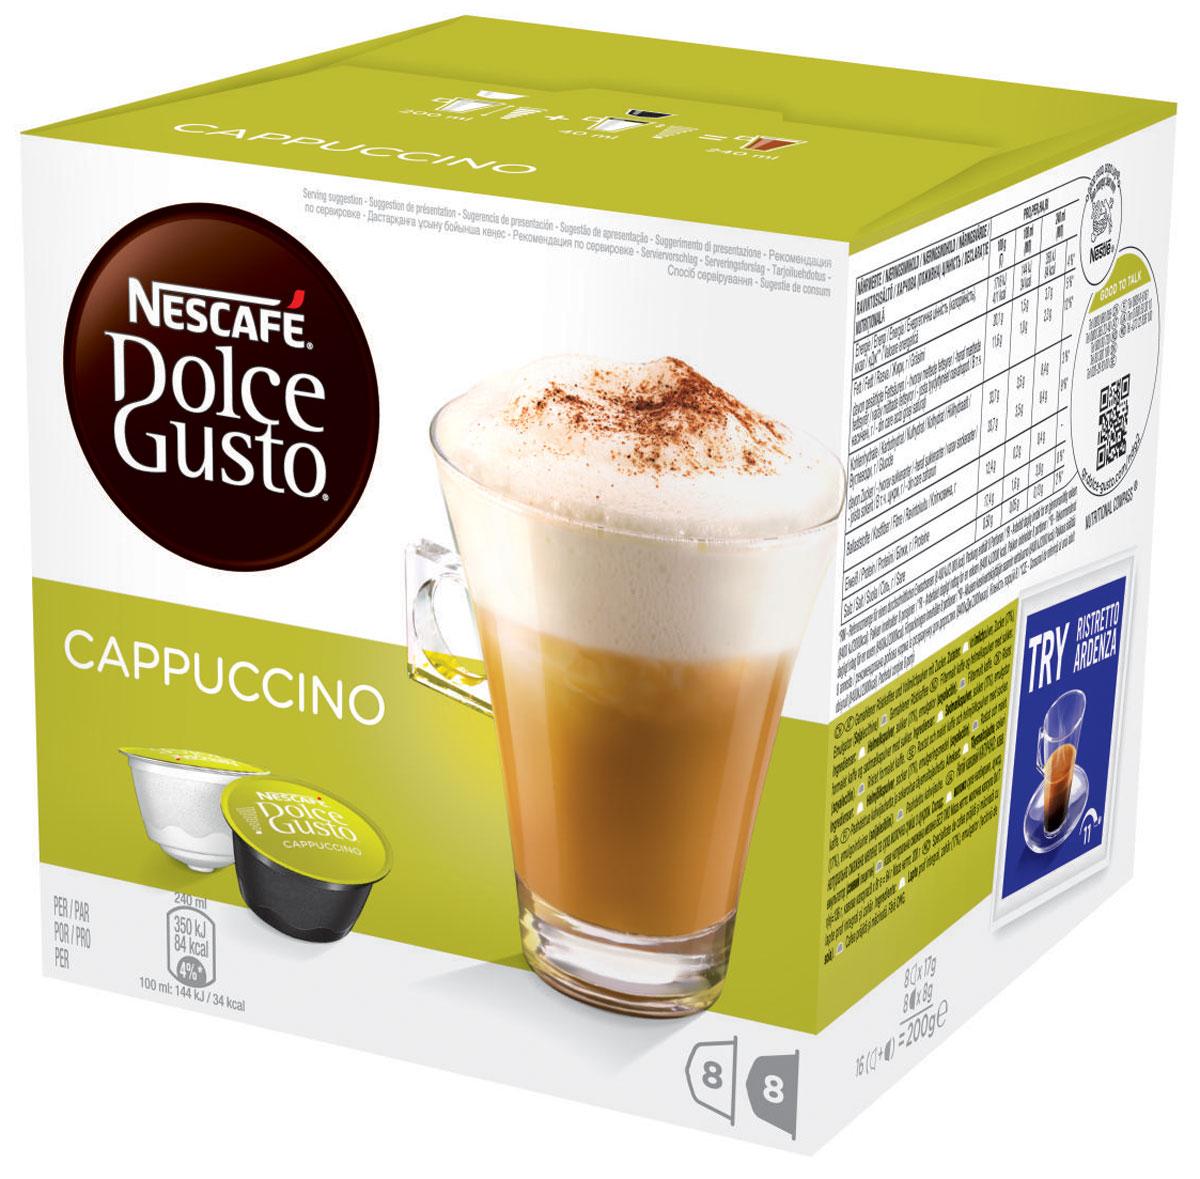 Nescafe Dolce Gusto Cappuccino кофе в капсулах, 16 шт5219849Несомненный образец классика – великолепный капучино всегда в фаворе у всех любителей кофе. Глубокий вкус эспрессо в сочетании с бархатистой пеной и фактурным молоком делают этот напиток великолепным удовольствием снова и снова, по какому бы случаю его ни пили. Гармония темного обжаренного кофе и молока означает, что вам просто нечего добавить в это великолепный напиток. Менее молочный, чем латте, но более воздушный, чем эспрессо... Мягкая текстура капучино – это то, что вы не сможете забыть, если хоть раз попробуете его. Идеальный капучино многослоен, но расслабляет, он легко пьется, а температура как раз позволяет сохранить незабываемый вкус. Благодаря этому он стал основным напитком в коллекции капсул для любого владельца кофемашины Nescafe Dolce Gusto: популярный среди друзей и близких и абсолютно идеальный для отдыха и расслабления, когда вам нужен перерыв. В состав входят: 8 капсул с натуральным жареным молотым кофе 8 капсул с...